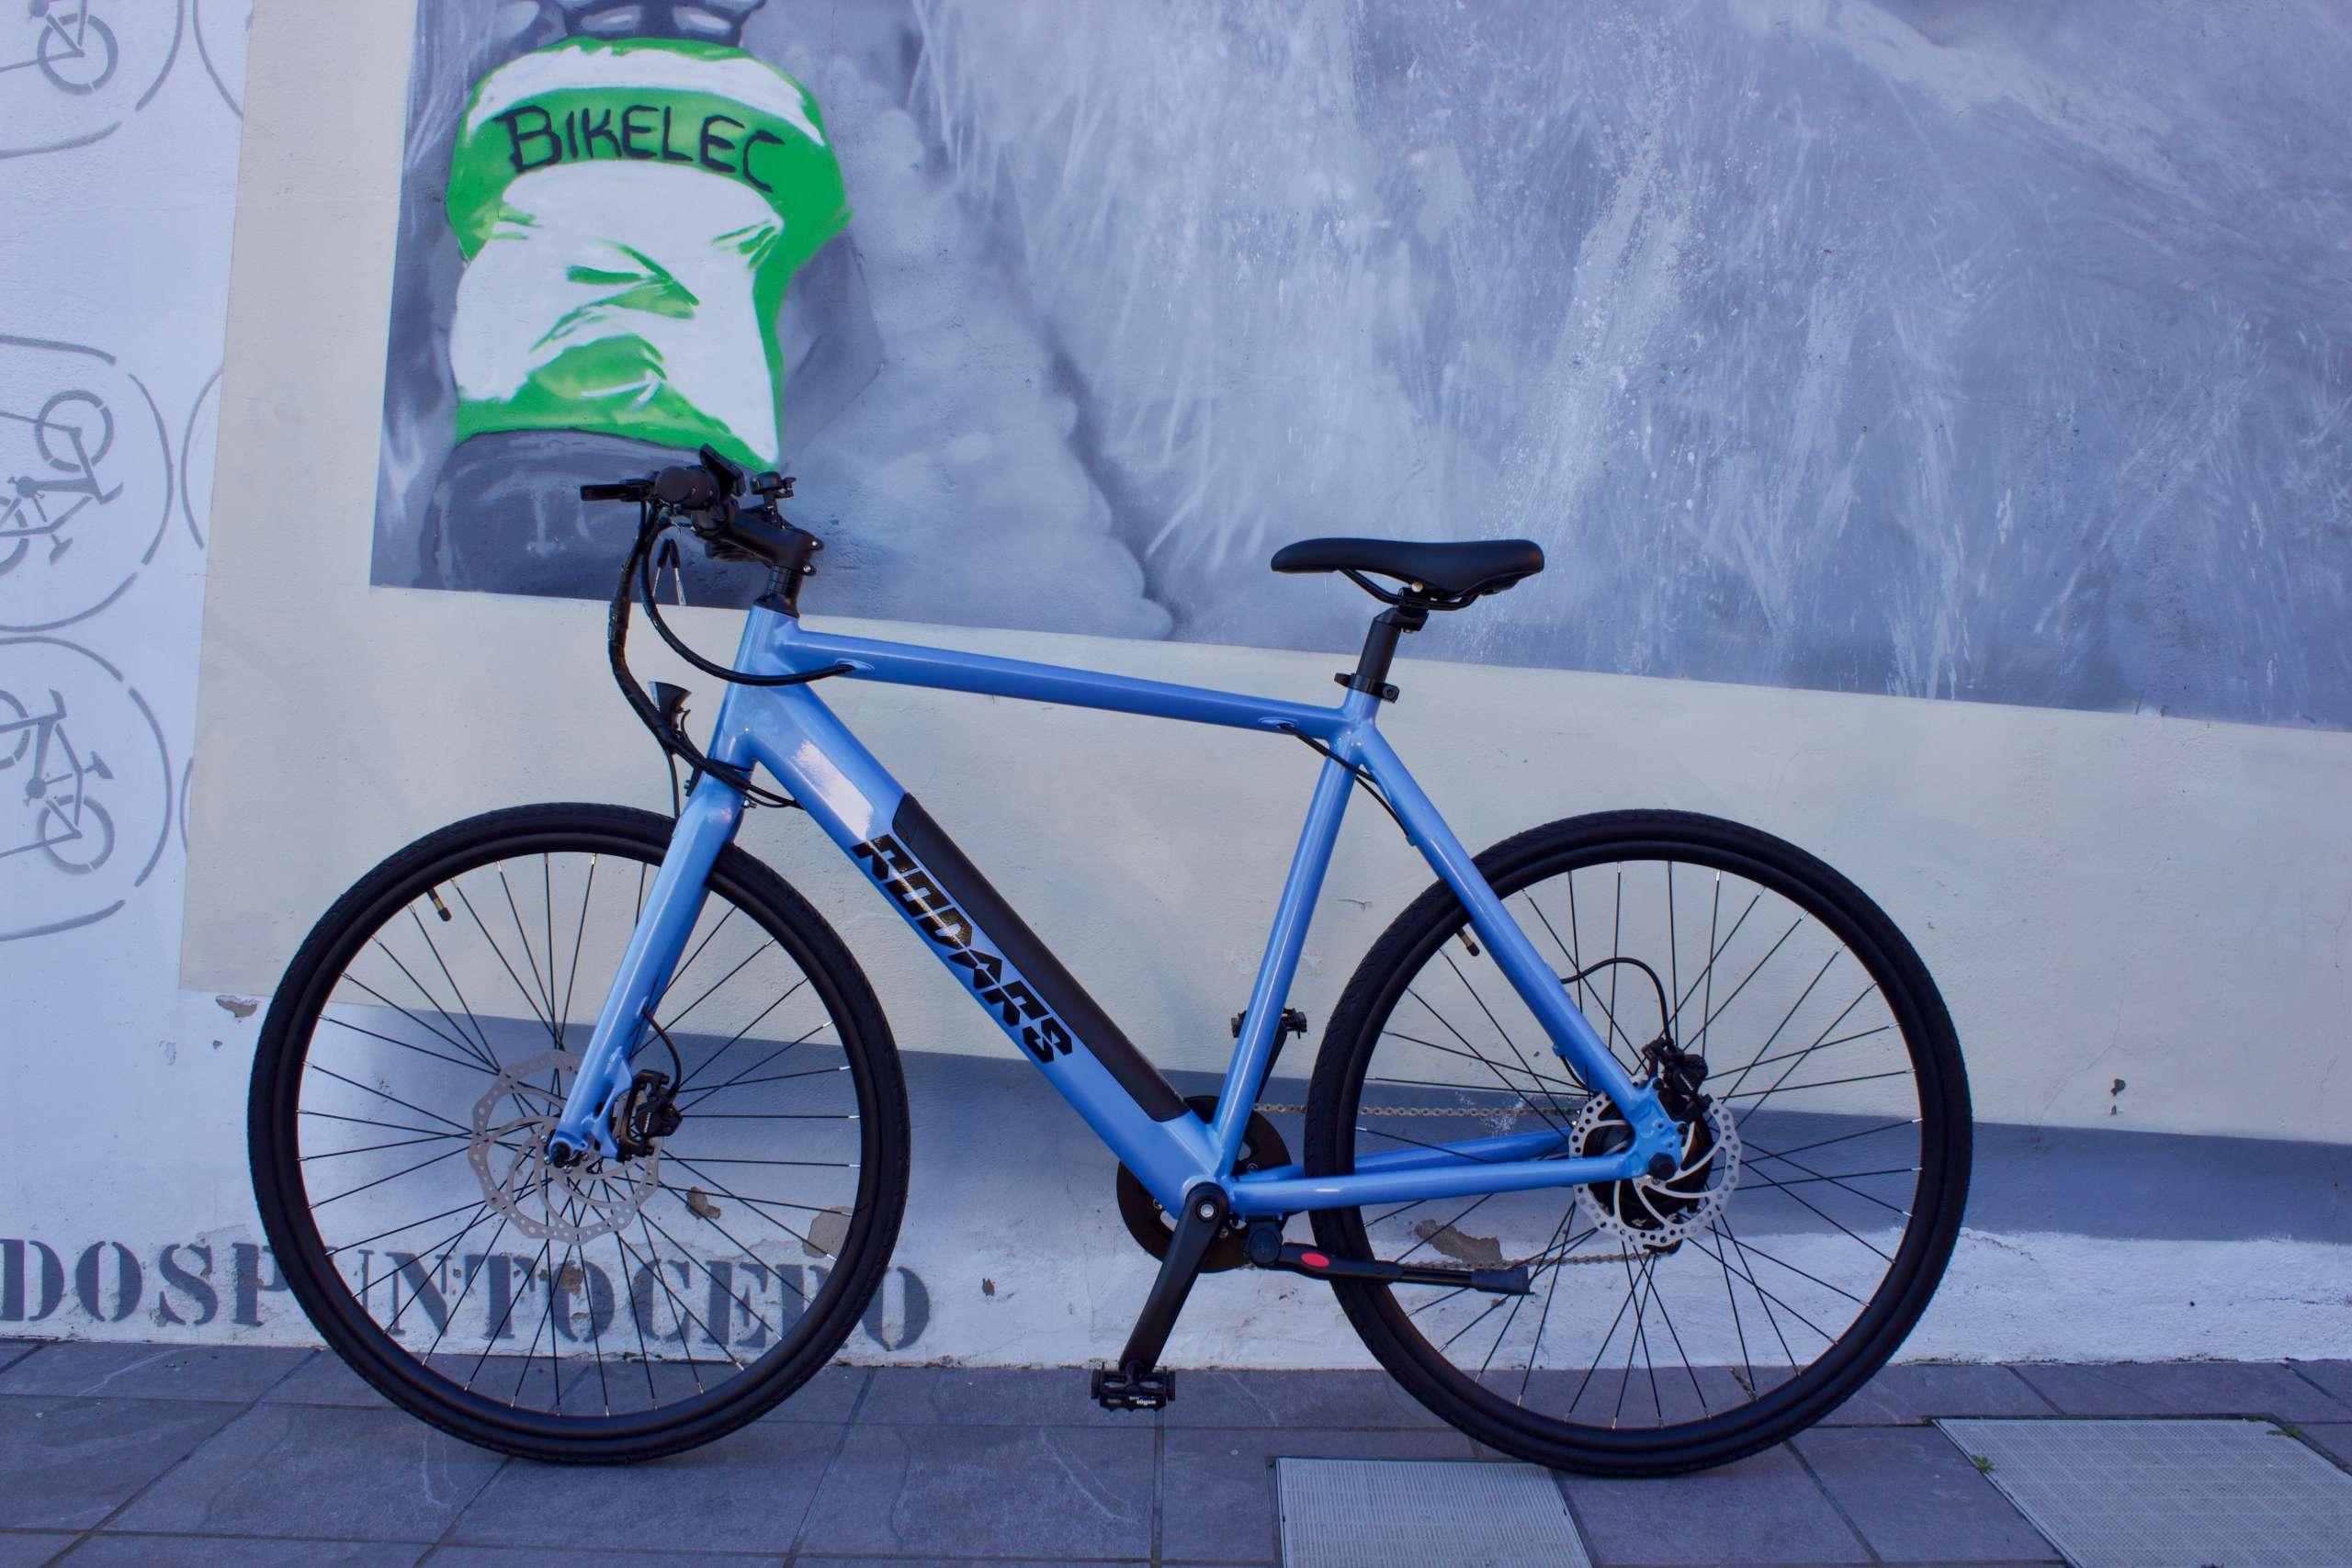 Vélos électriques à vendre : les critères pour bien choisir 13